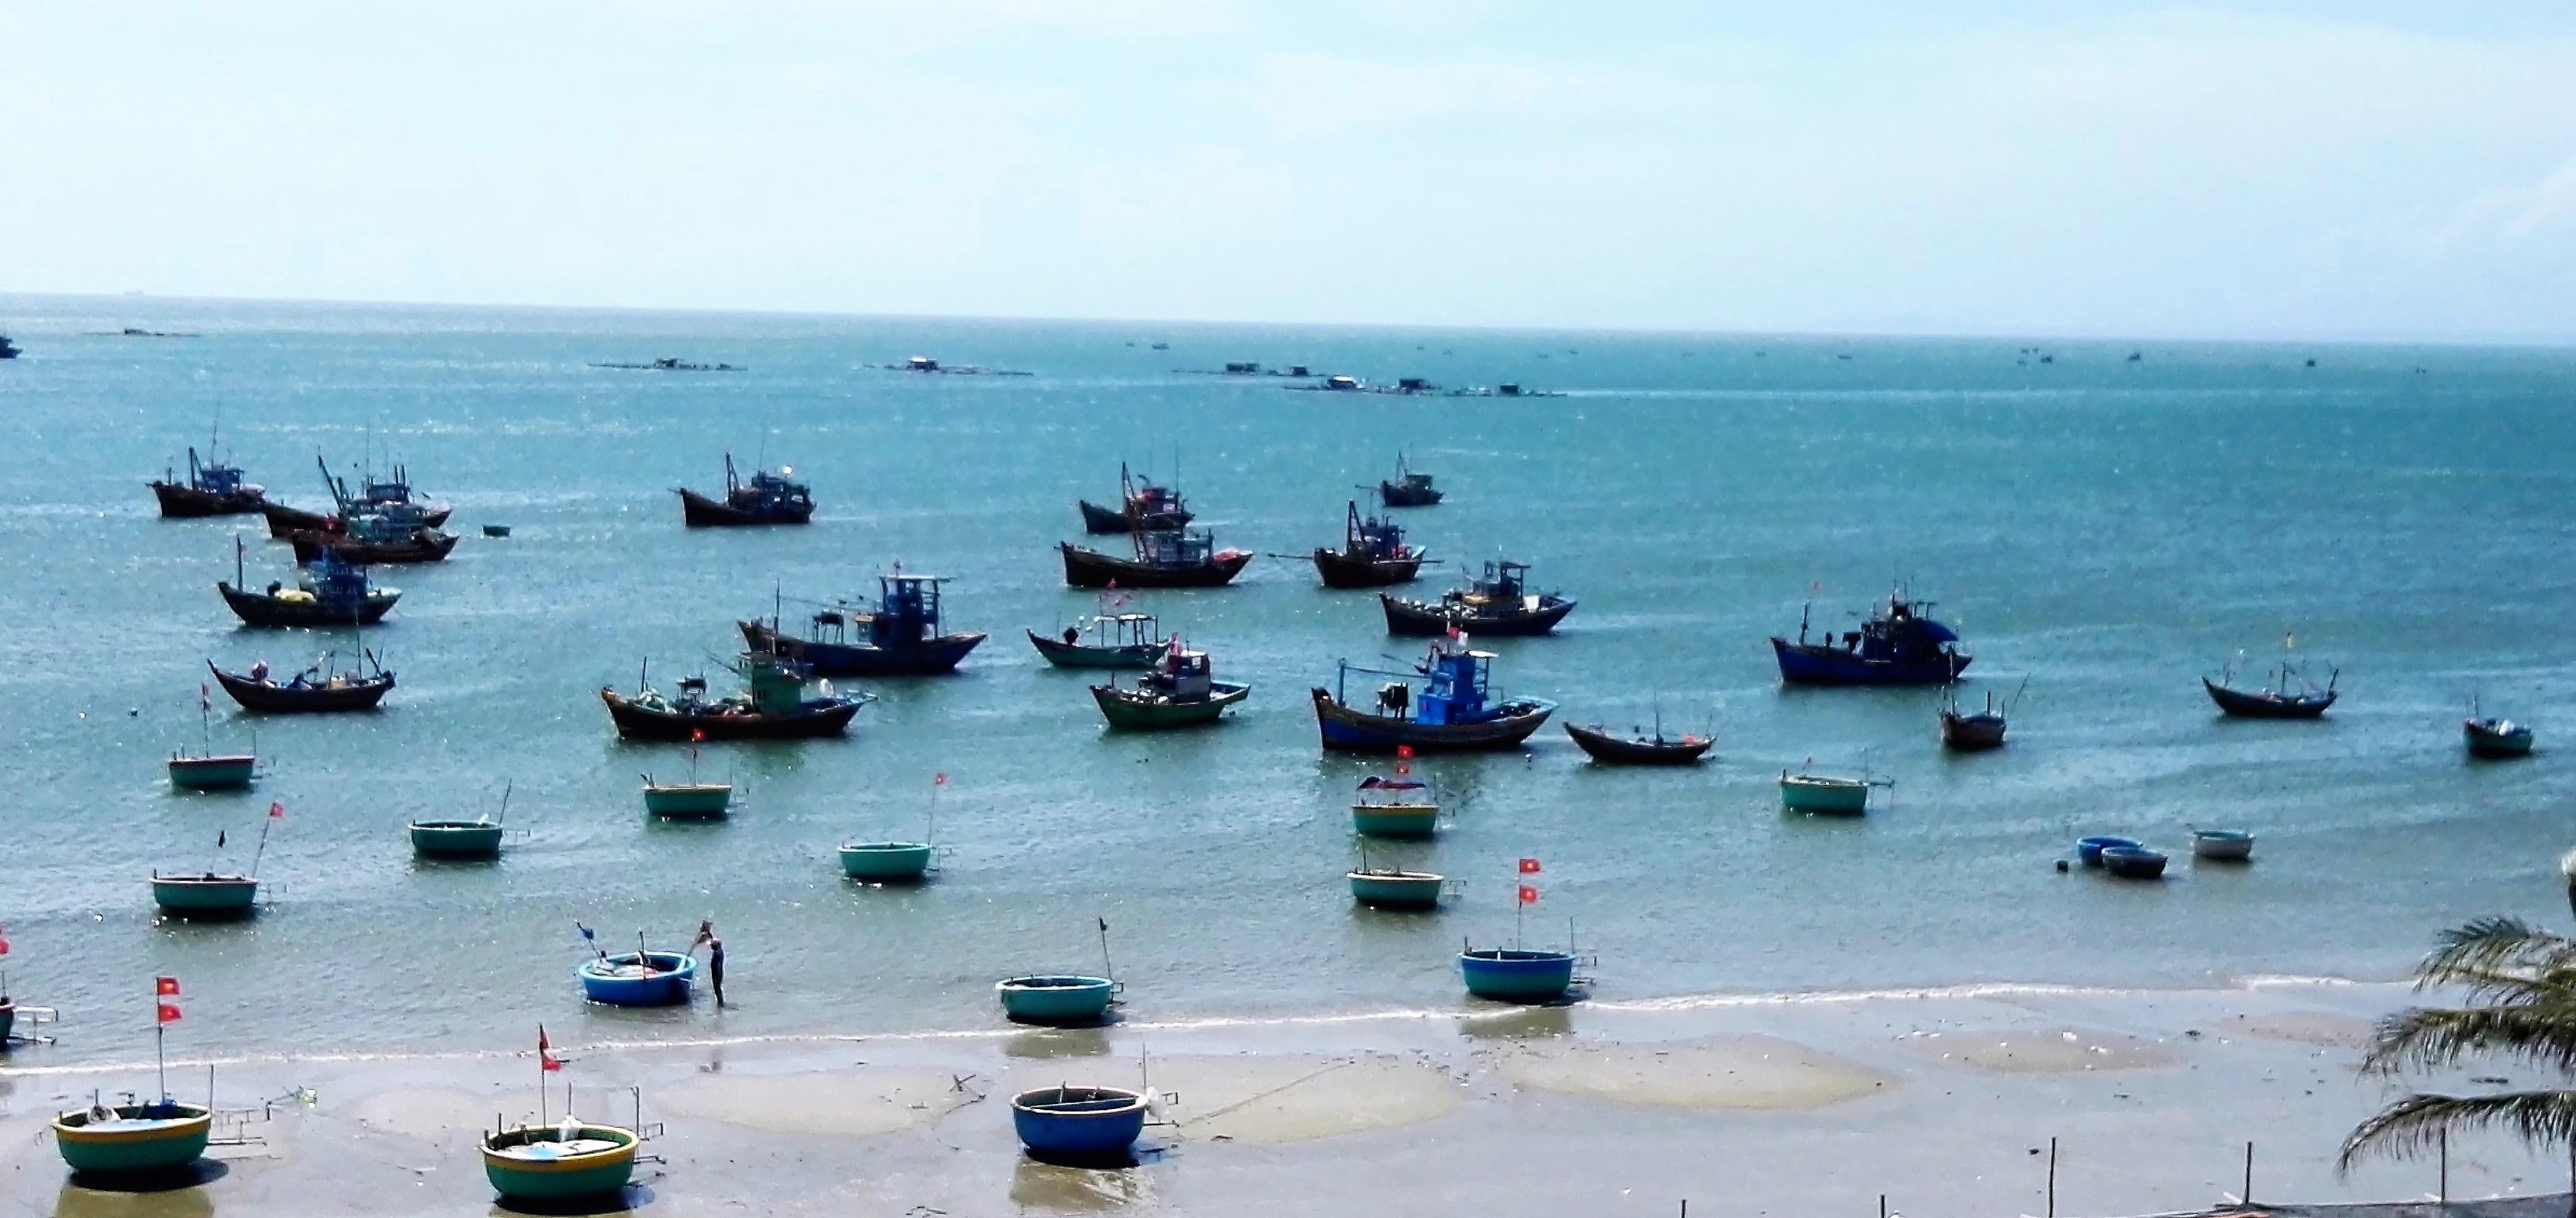 Bateaux de pêcheurs a Mui Ne Vietnam